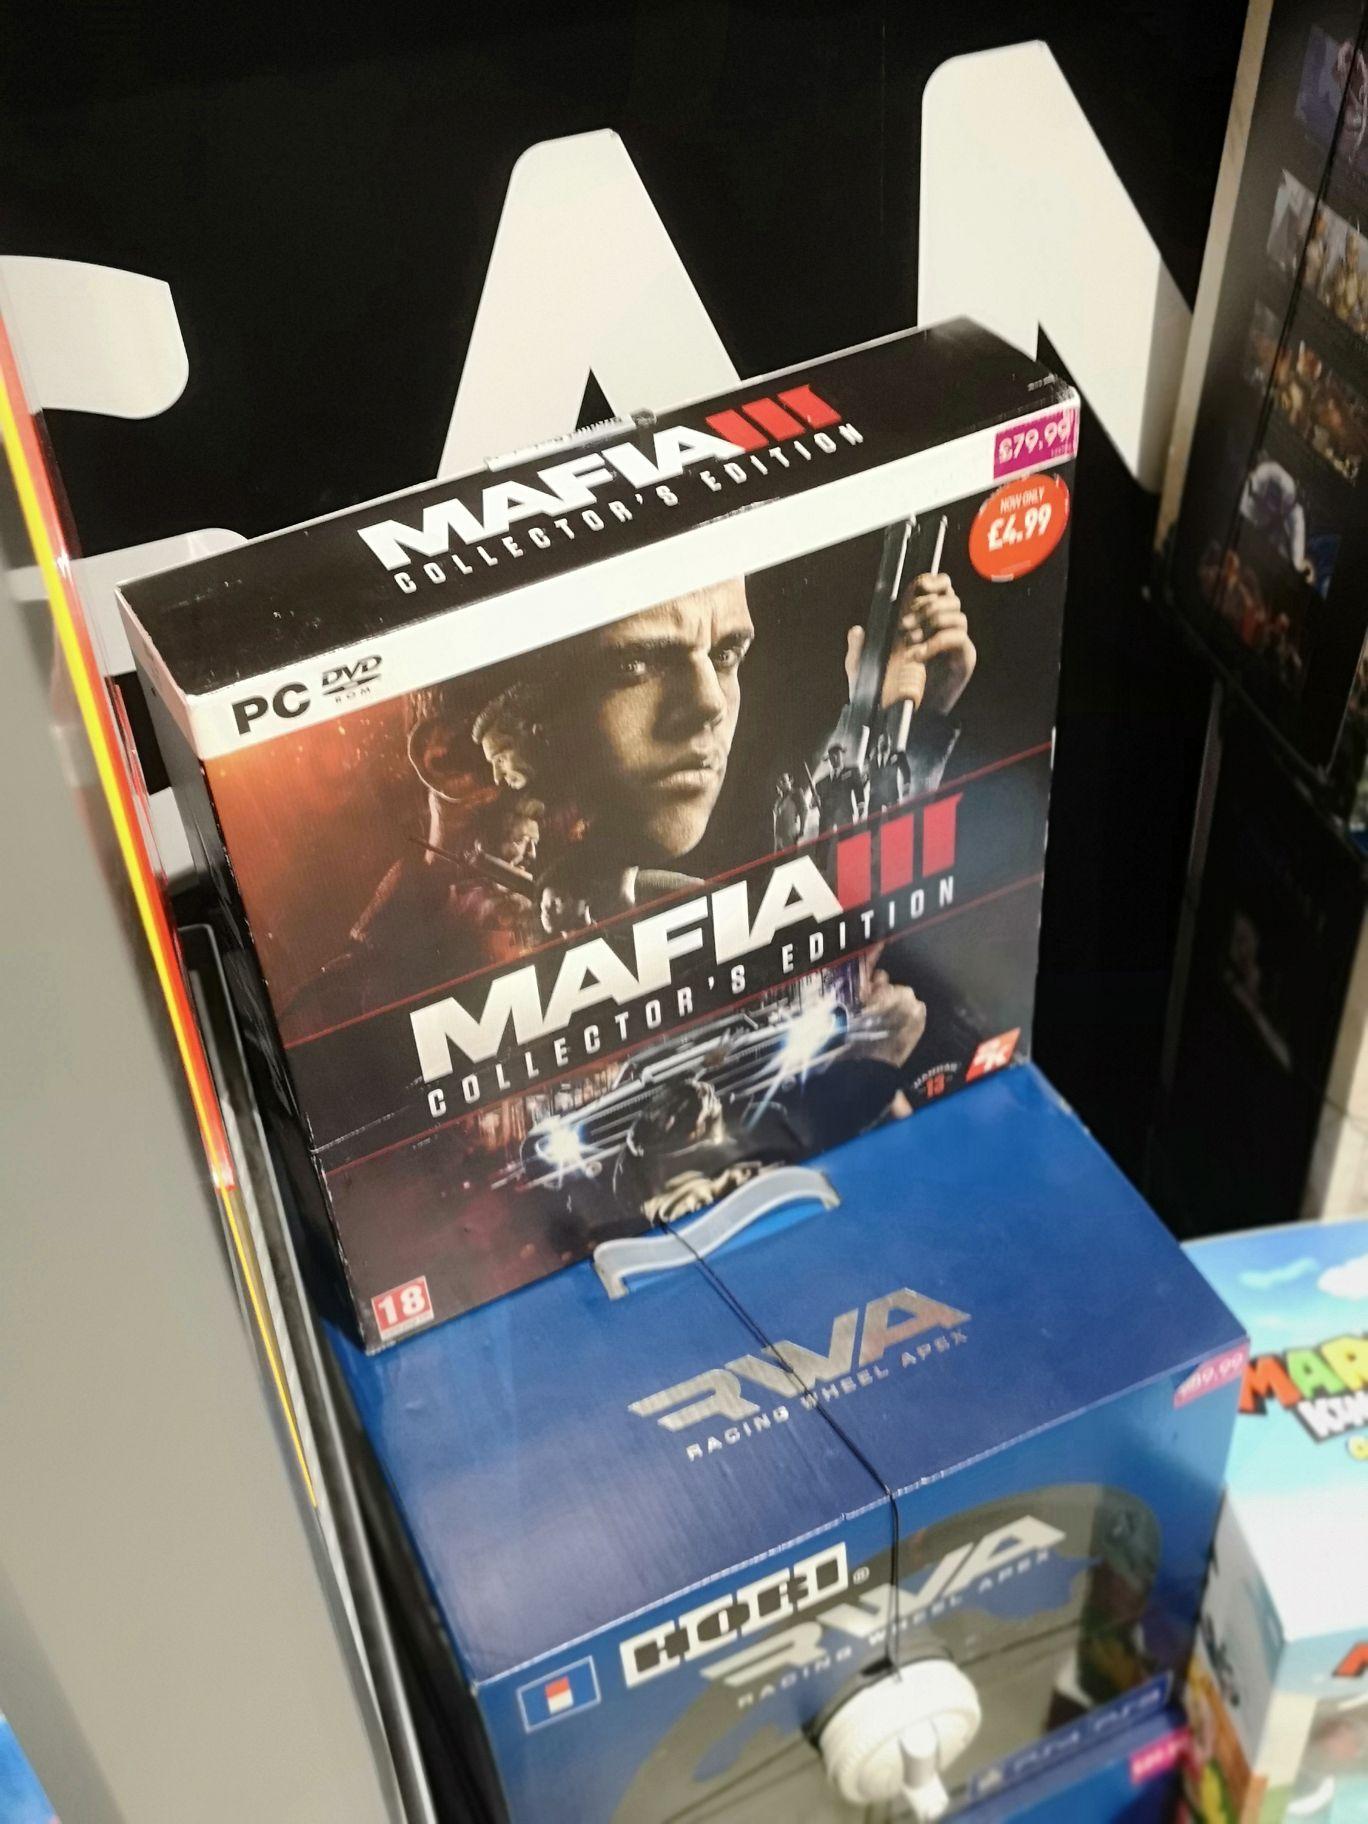 Mafia 3 Collectors Edition PC - £5 (includes Vinyls, Artwork Etc) found instore @ GAME (Trafford Centre, MCR)